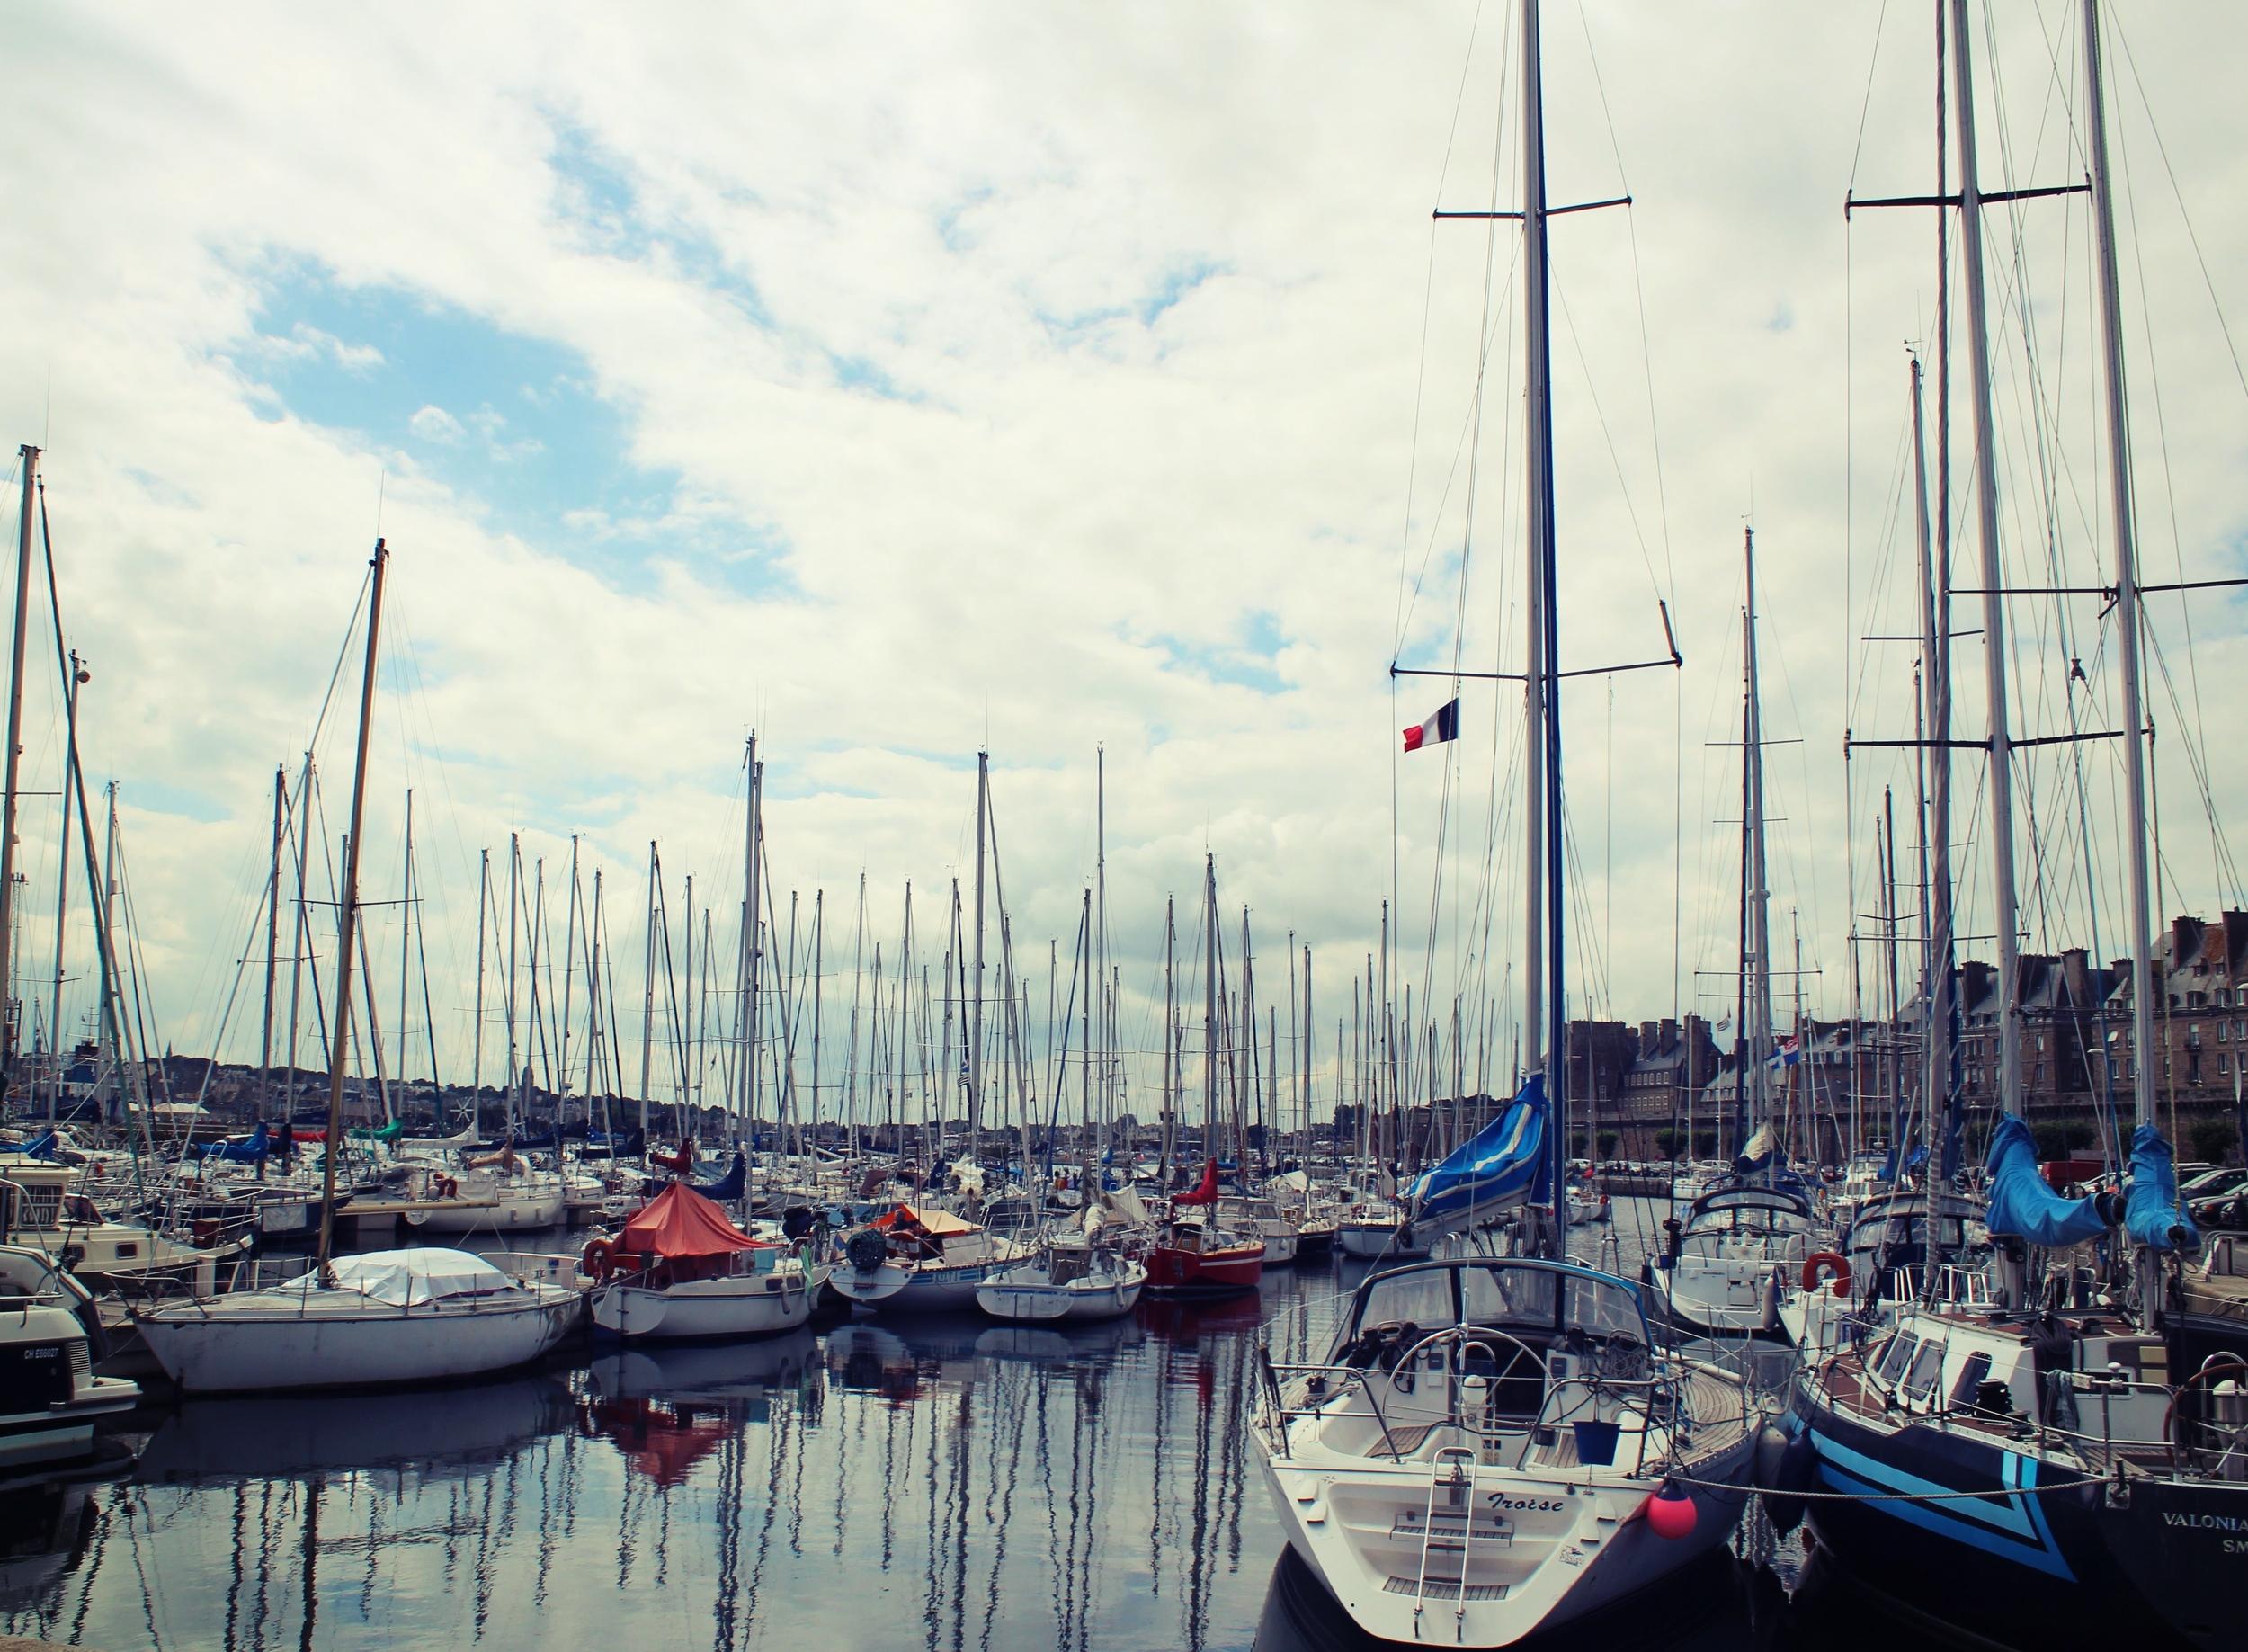 boats_Fotor.jpg